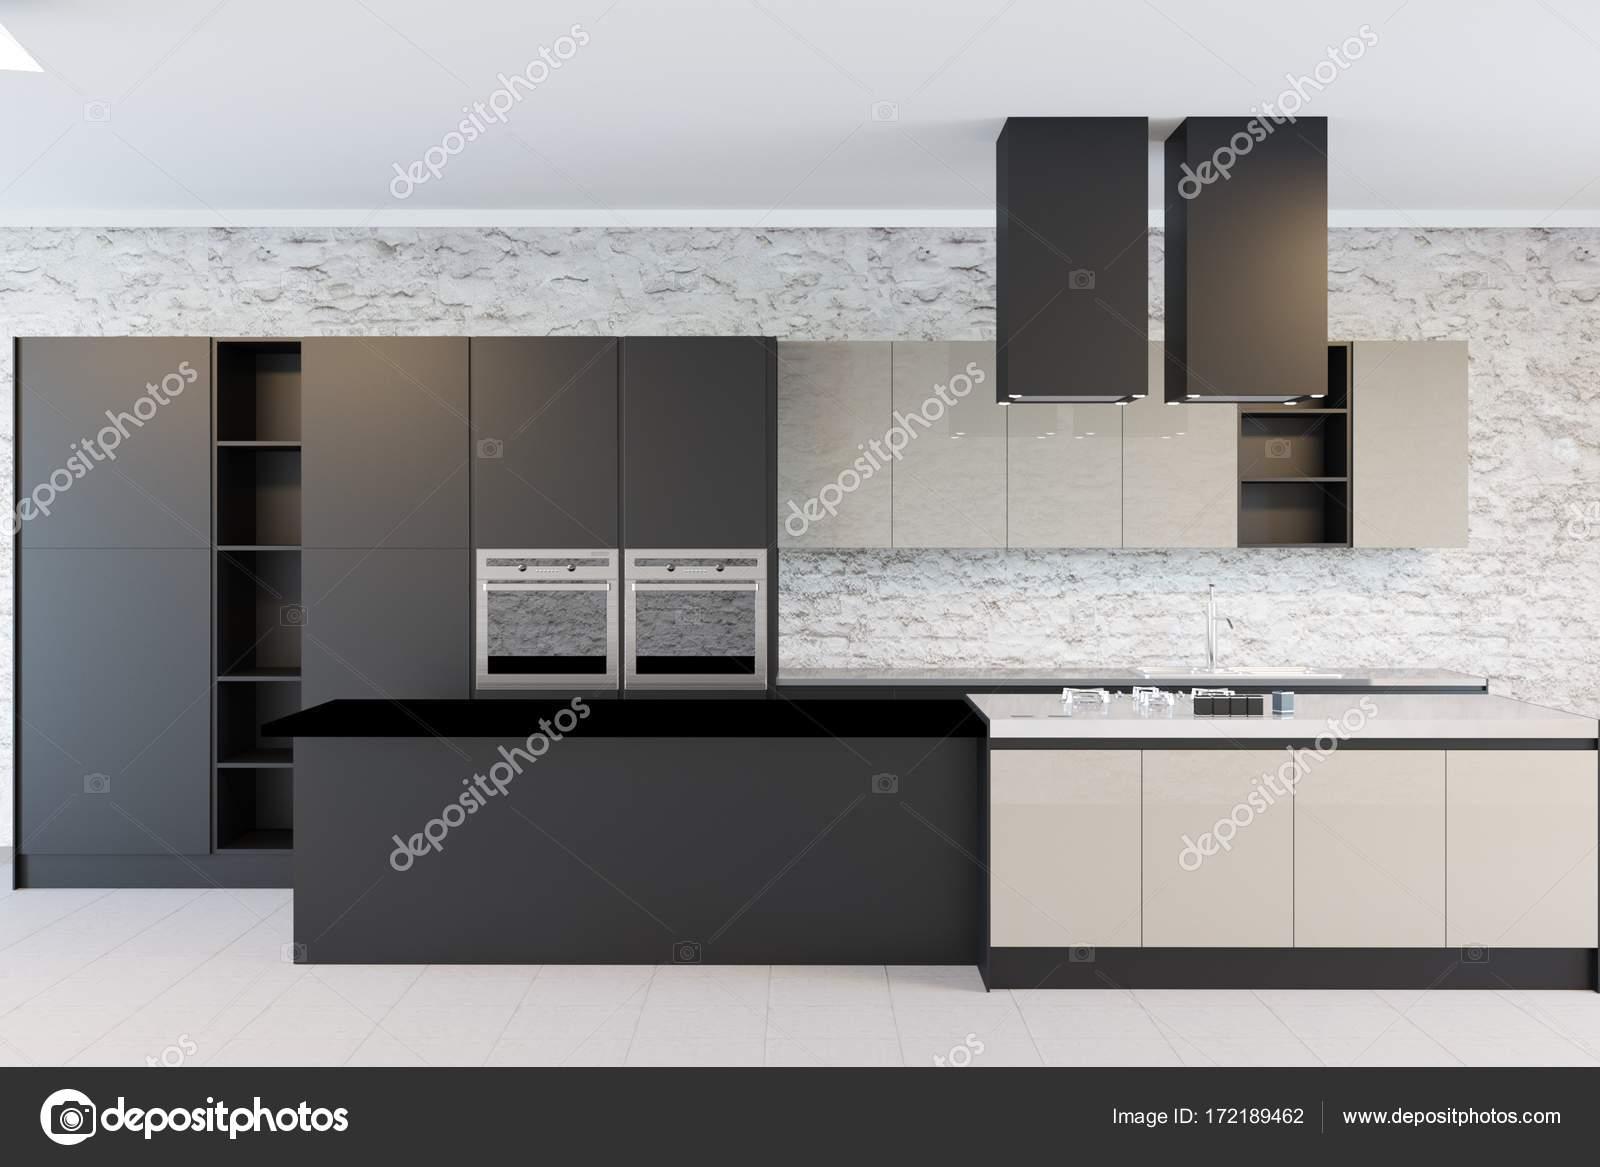 Minimalistisch zwart wit keuken in bakstenen muur interieur